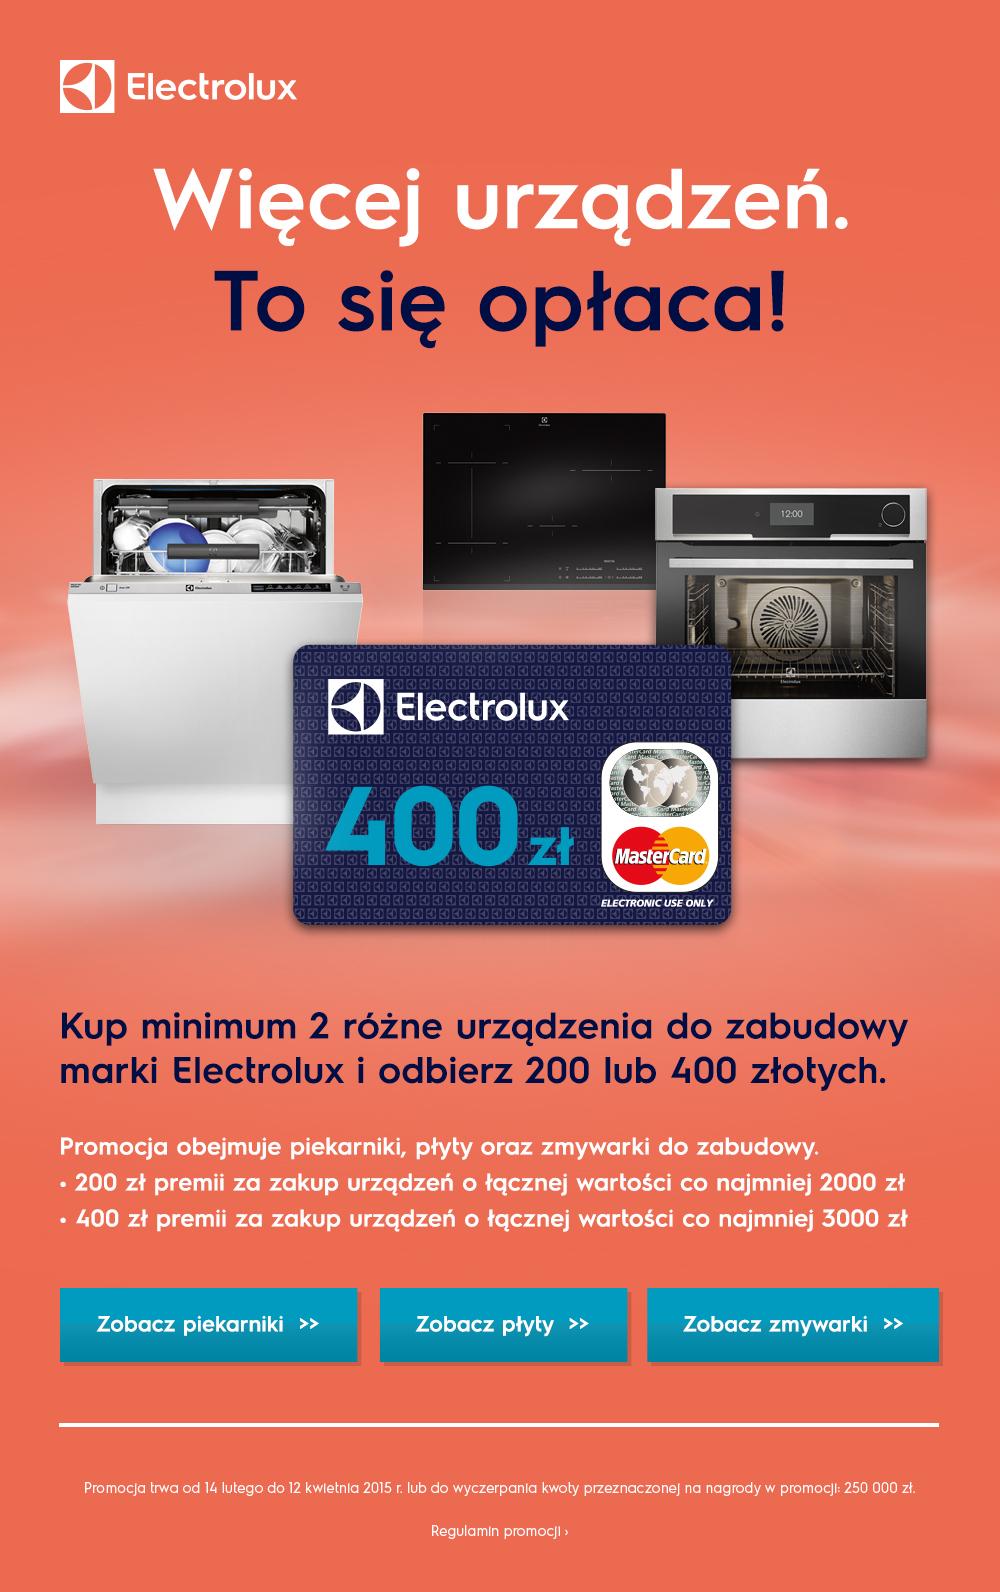 Zwrot pieniędzy za zakup urządzeń marki Electrolux pod zabudowę.